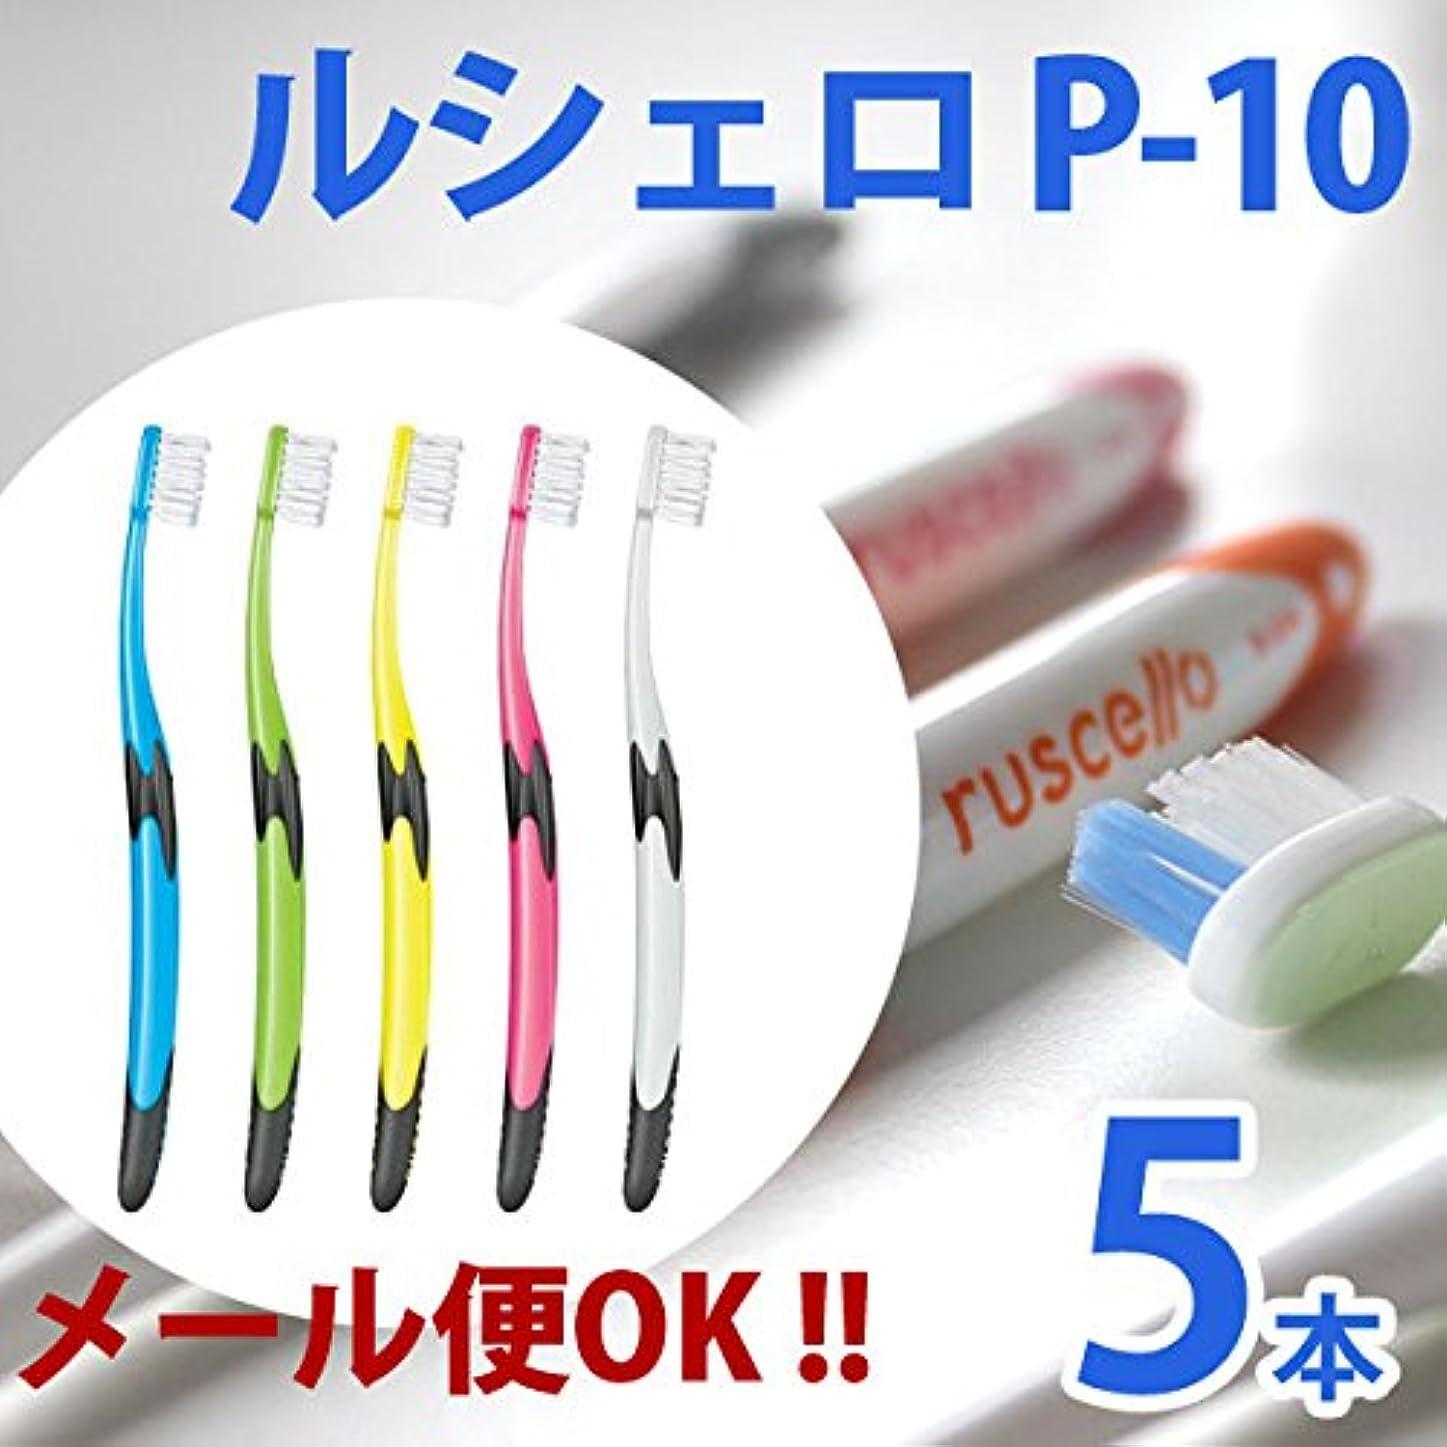 グロー鋼インポートルシェロ GCシェロ 歯ブラシP-10 5色アソート 5本セット 歯周疾患の方向け。極細のテーパー毛が Sやわらかめ